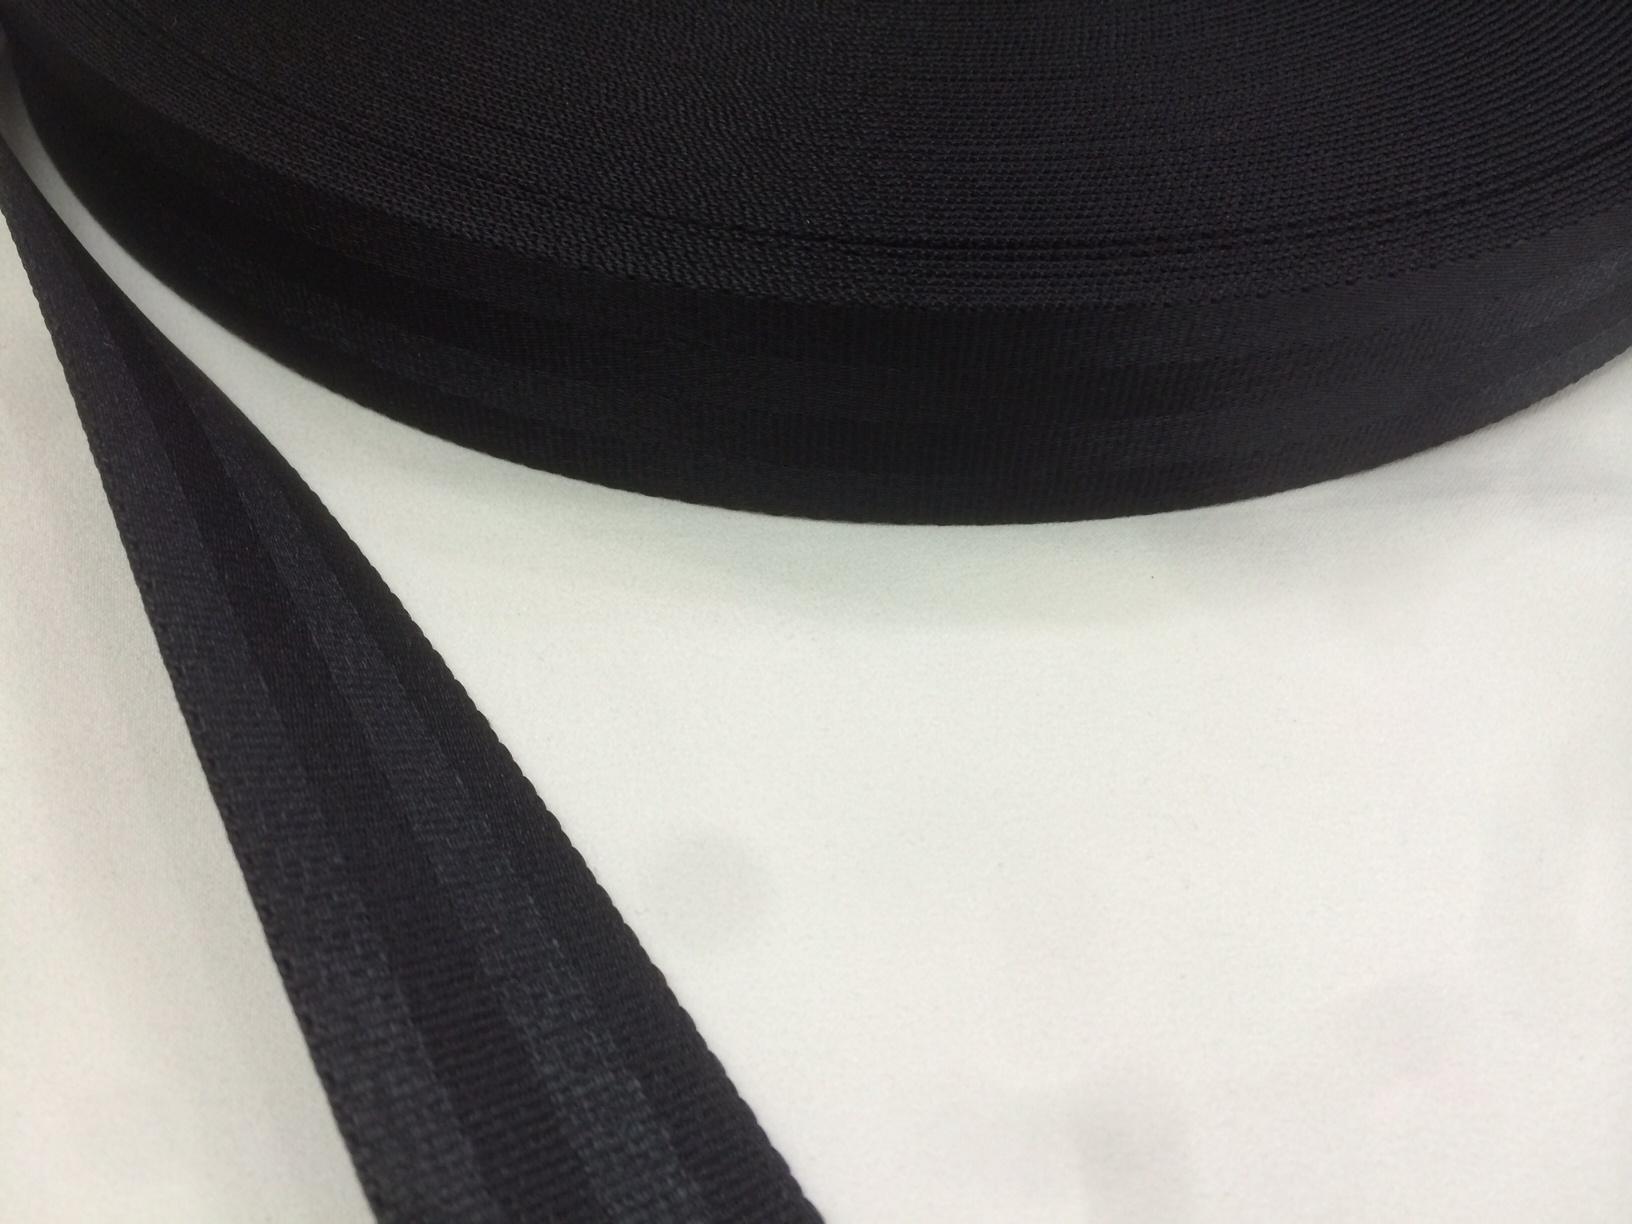 ナイロン ベルト 二ツ山織 38㎜幅 1.6㎜厚 黒 1m